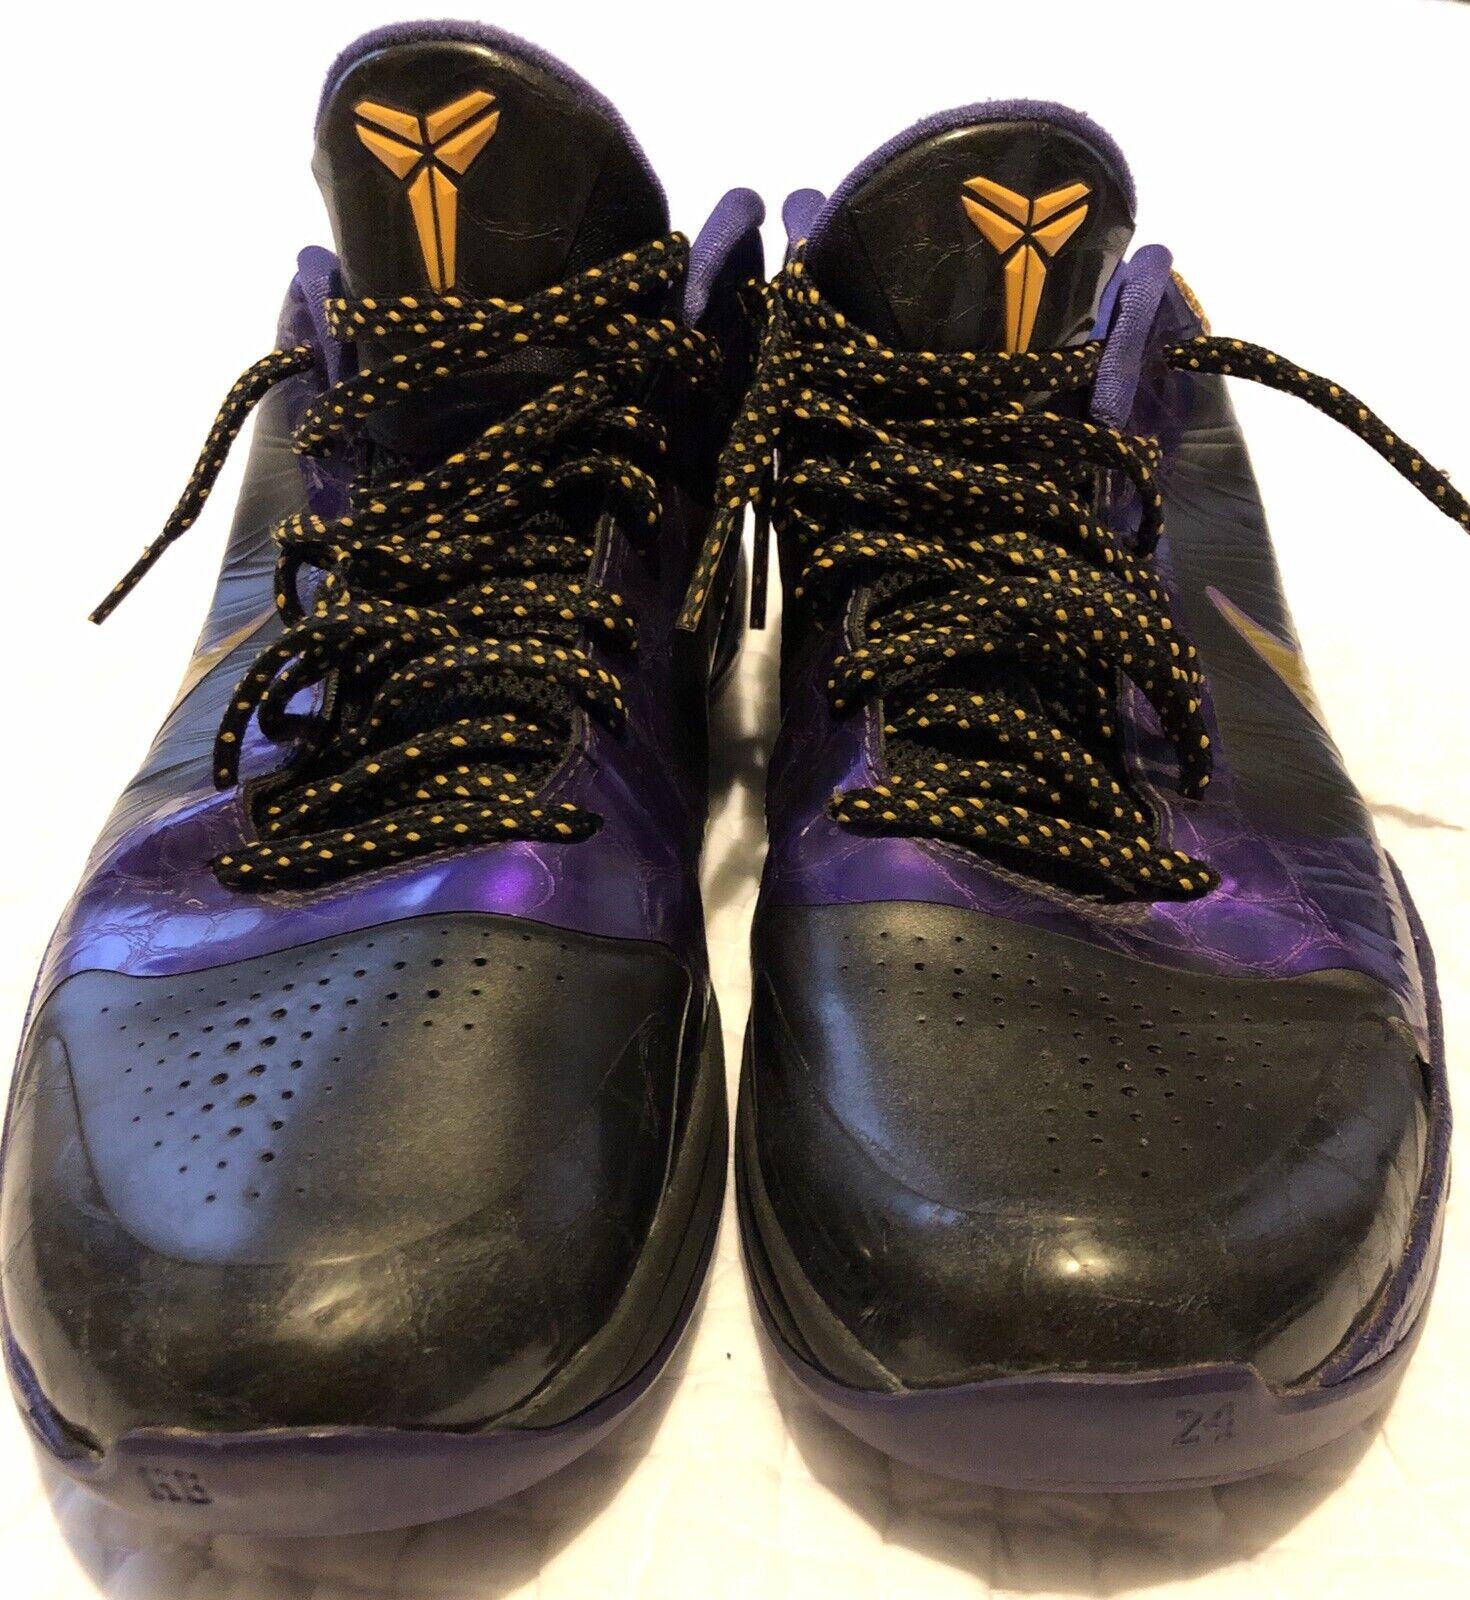 Nike Zoom Kobe 5 V Black Del Sol Varsity Purple Lakers, size 10.5